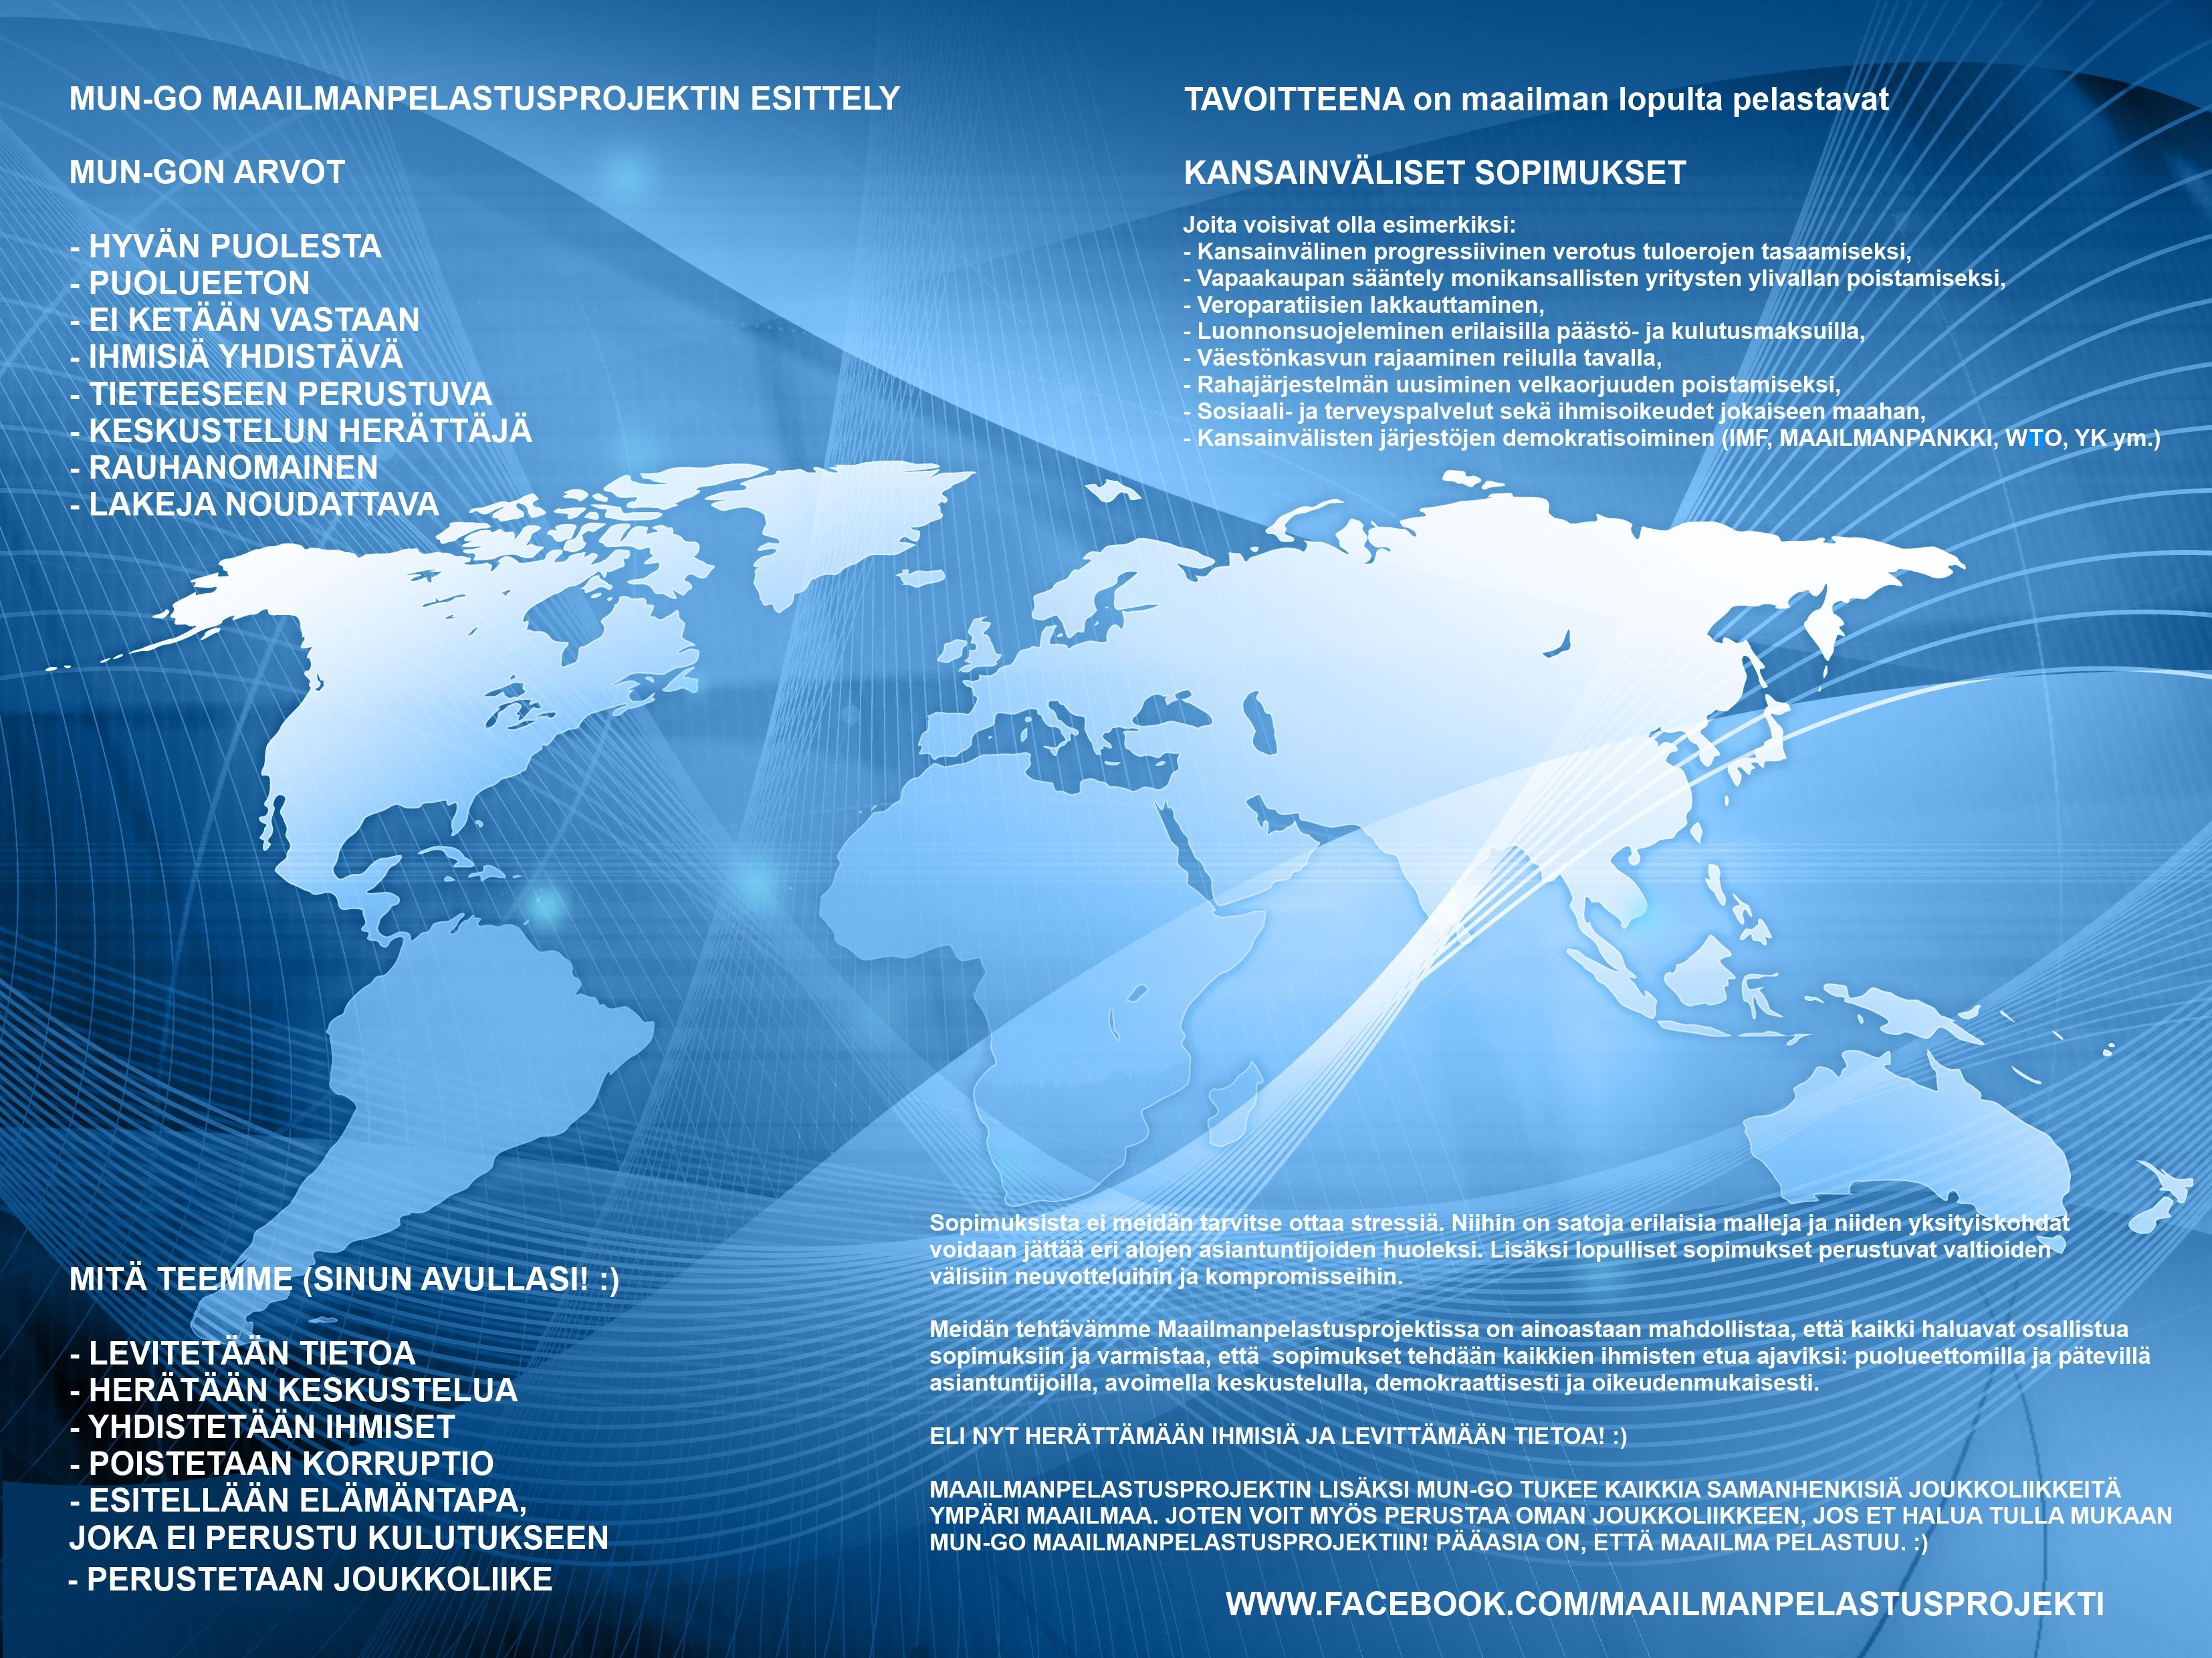 Maailmanpelastusprojekti Esittely